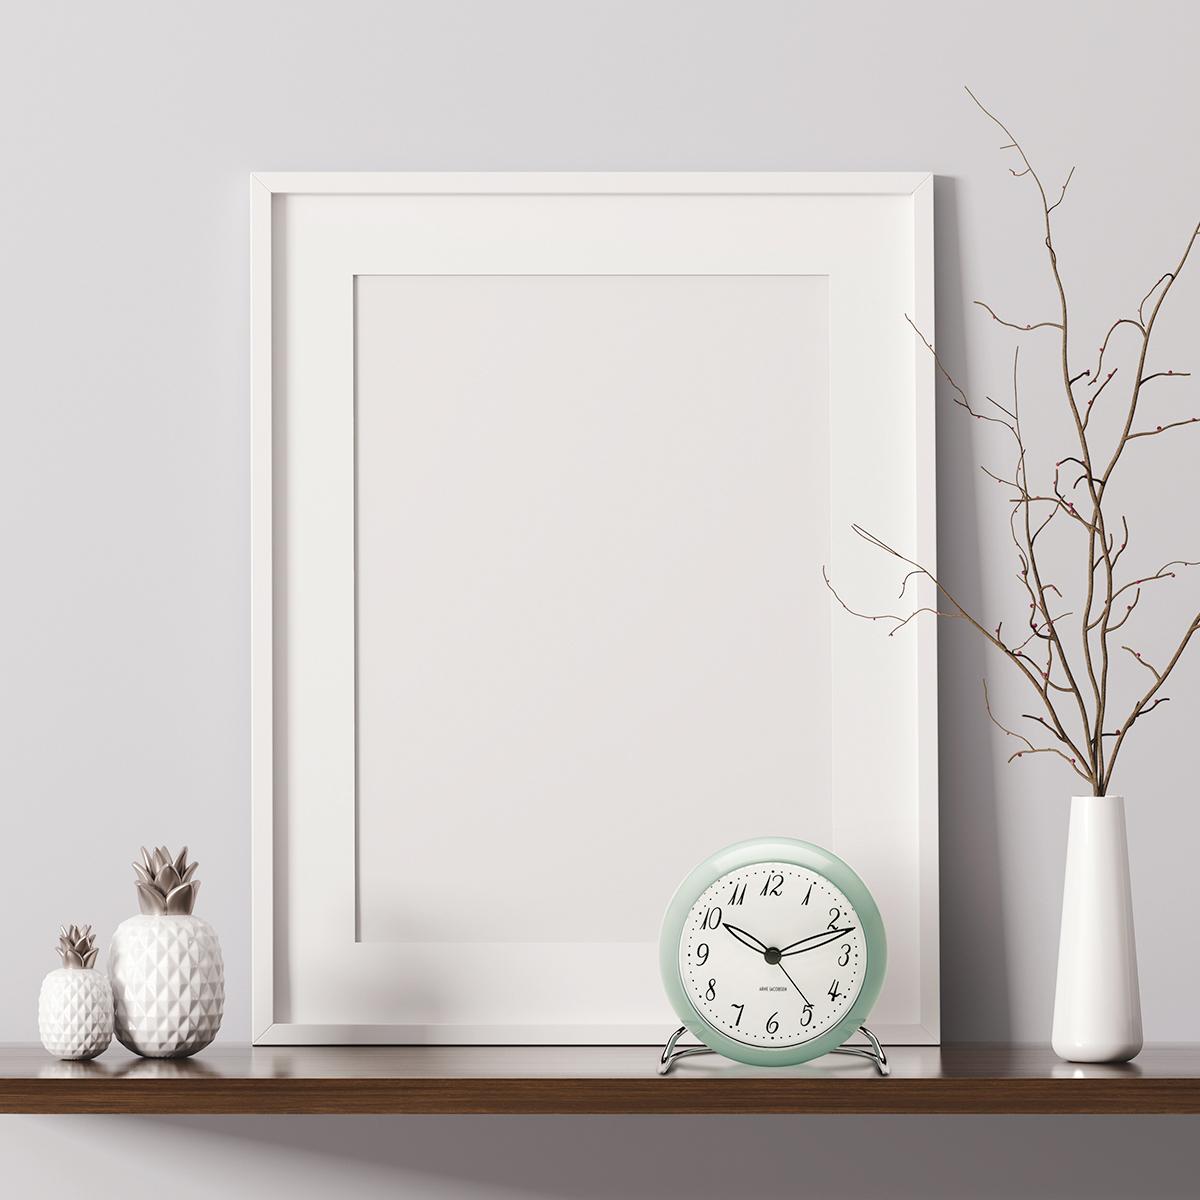 アルネヤコブセン ARNE JACOBSEN 限定カラー 時計 置き時計 テーブルクロック 北欧 LK LED灯 アラーム 12cm 43681